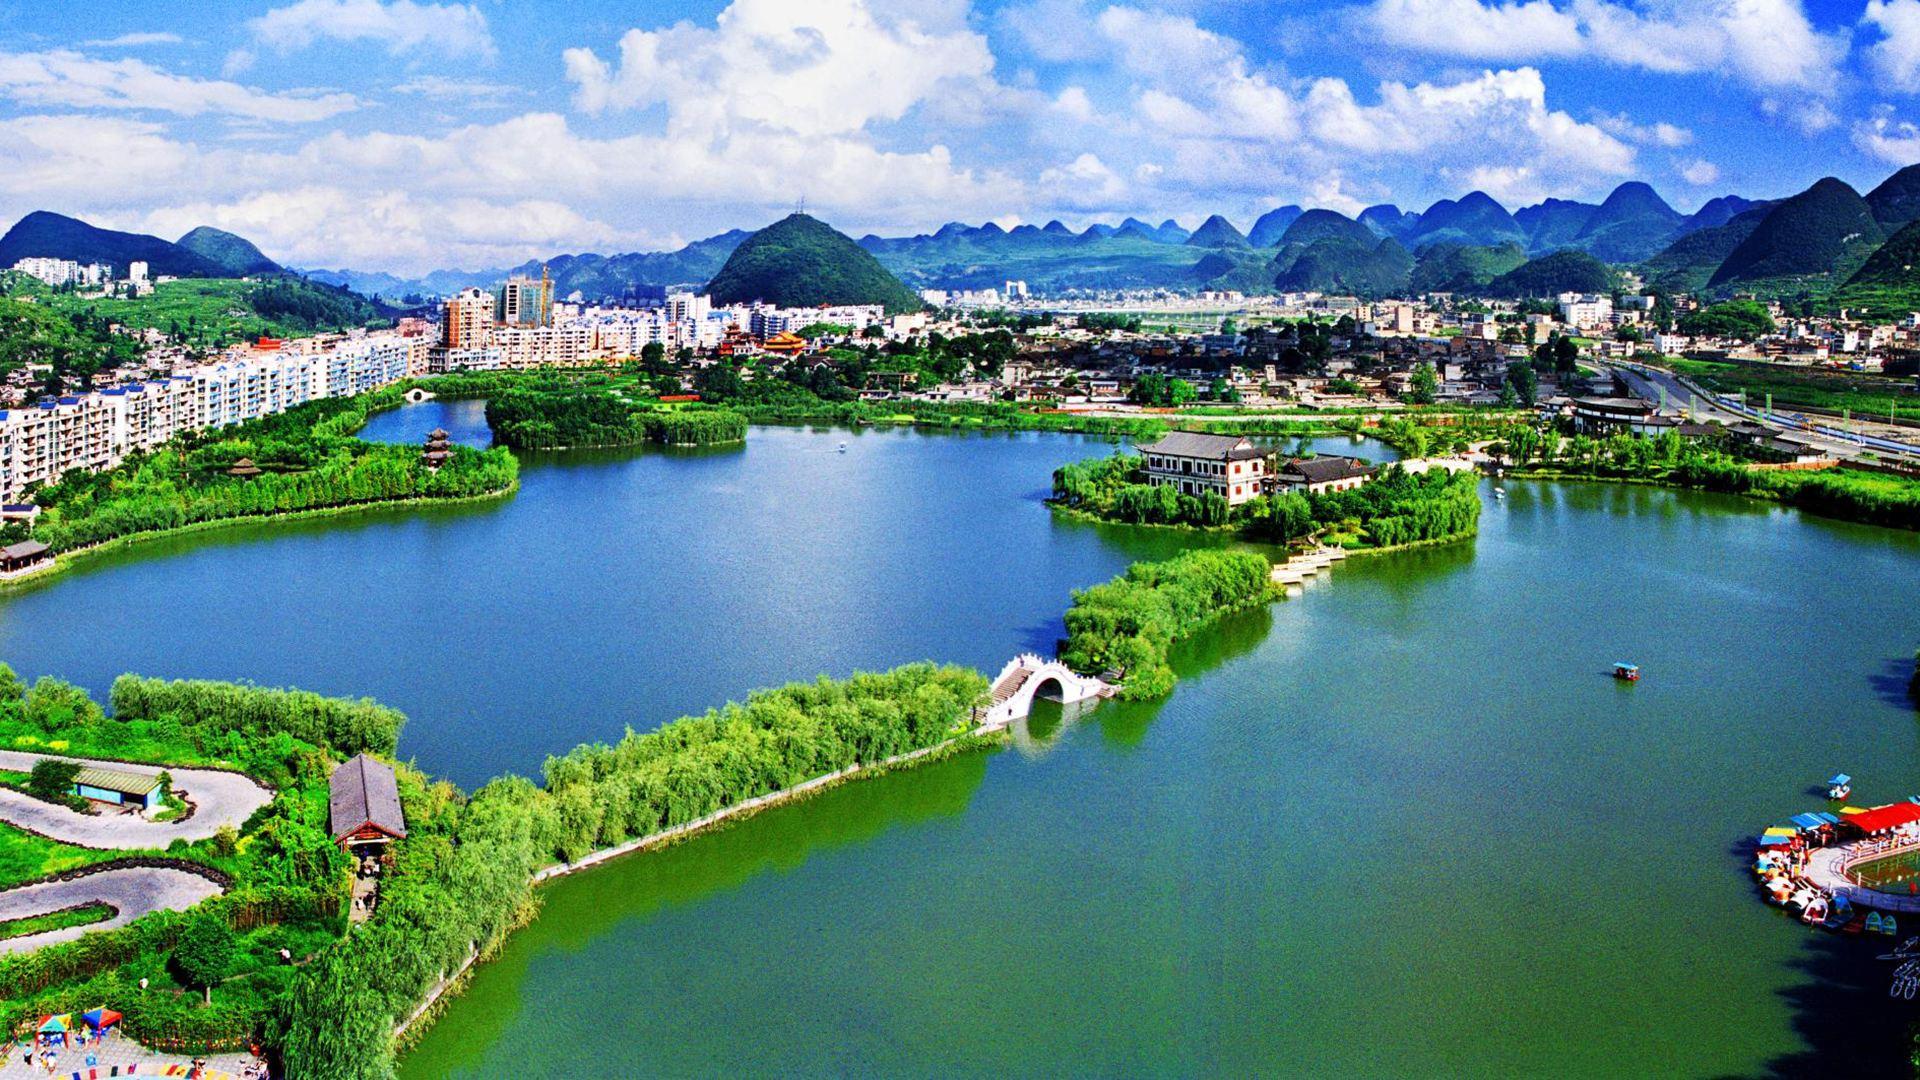 贵州六盘水有这些看点,阿富尔连锁酒店也进入了这座城市!